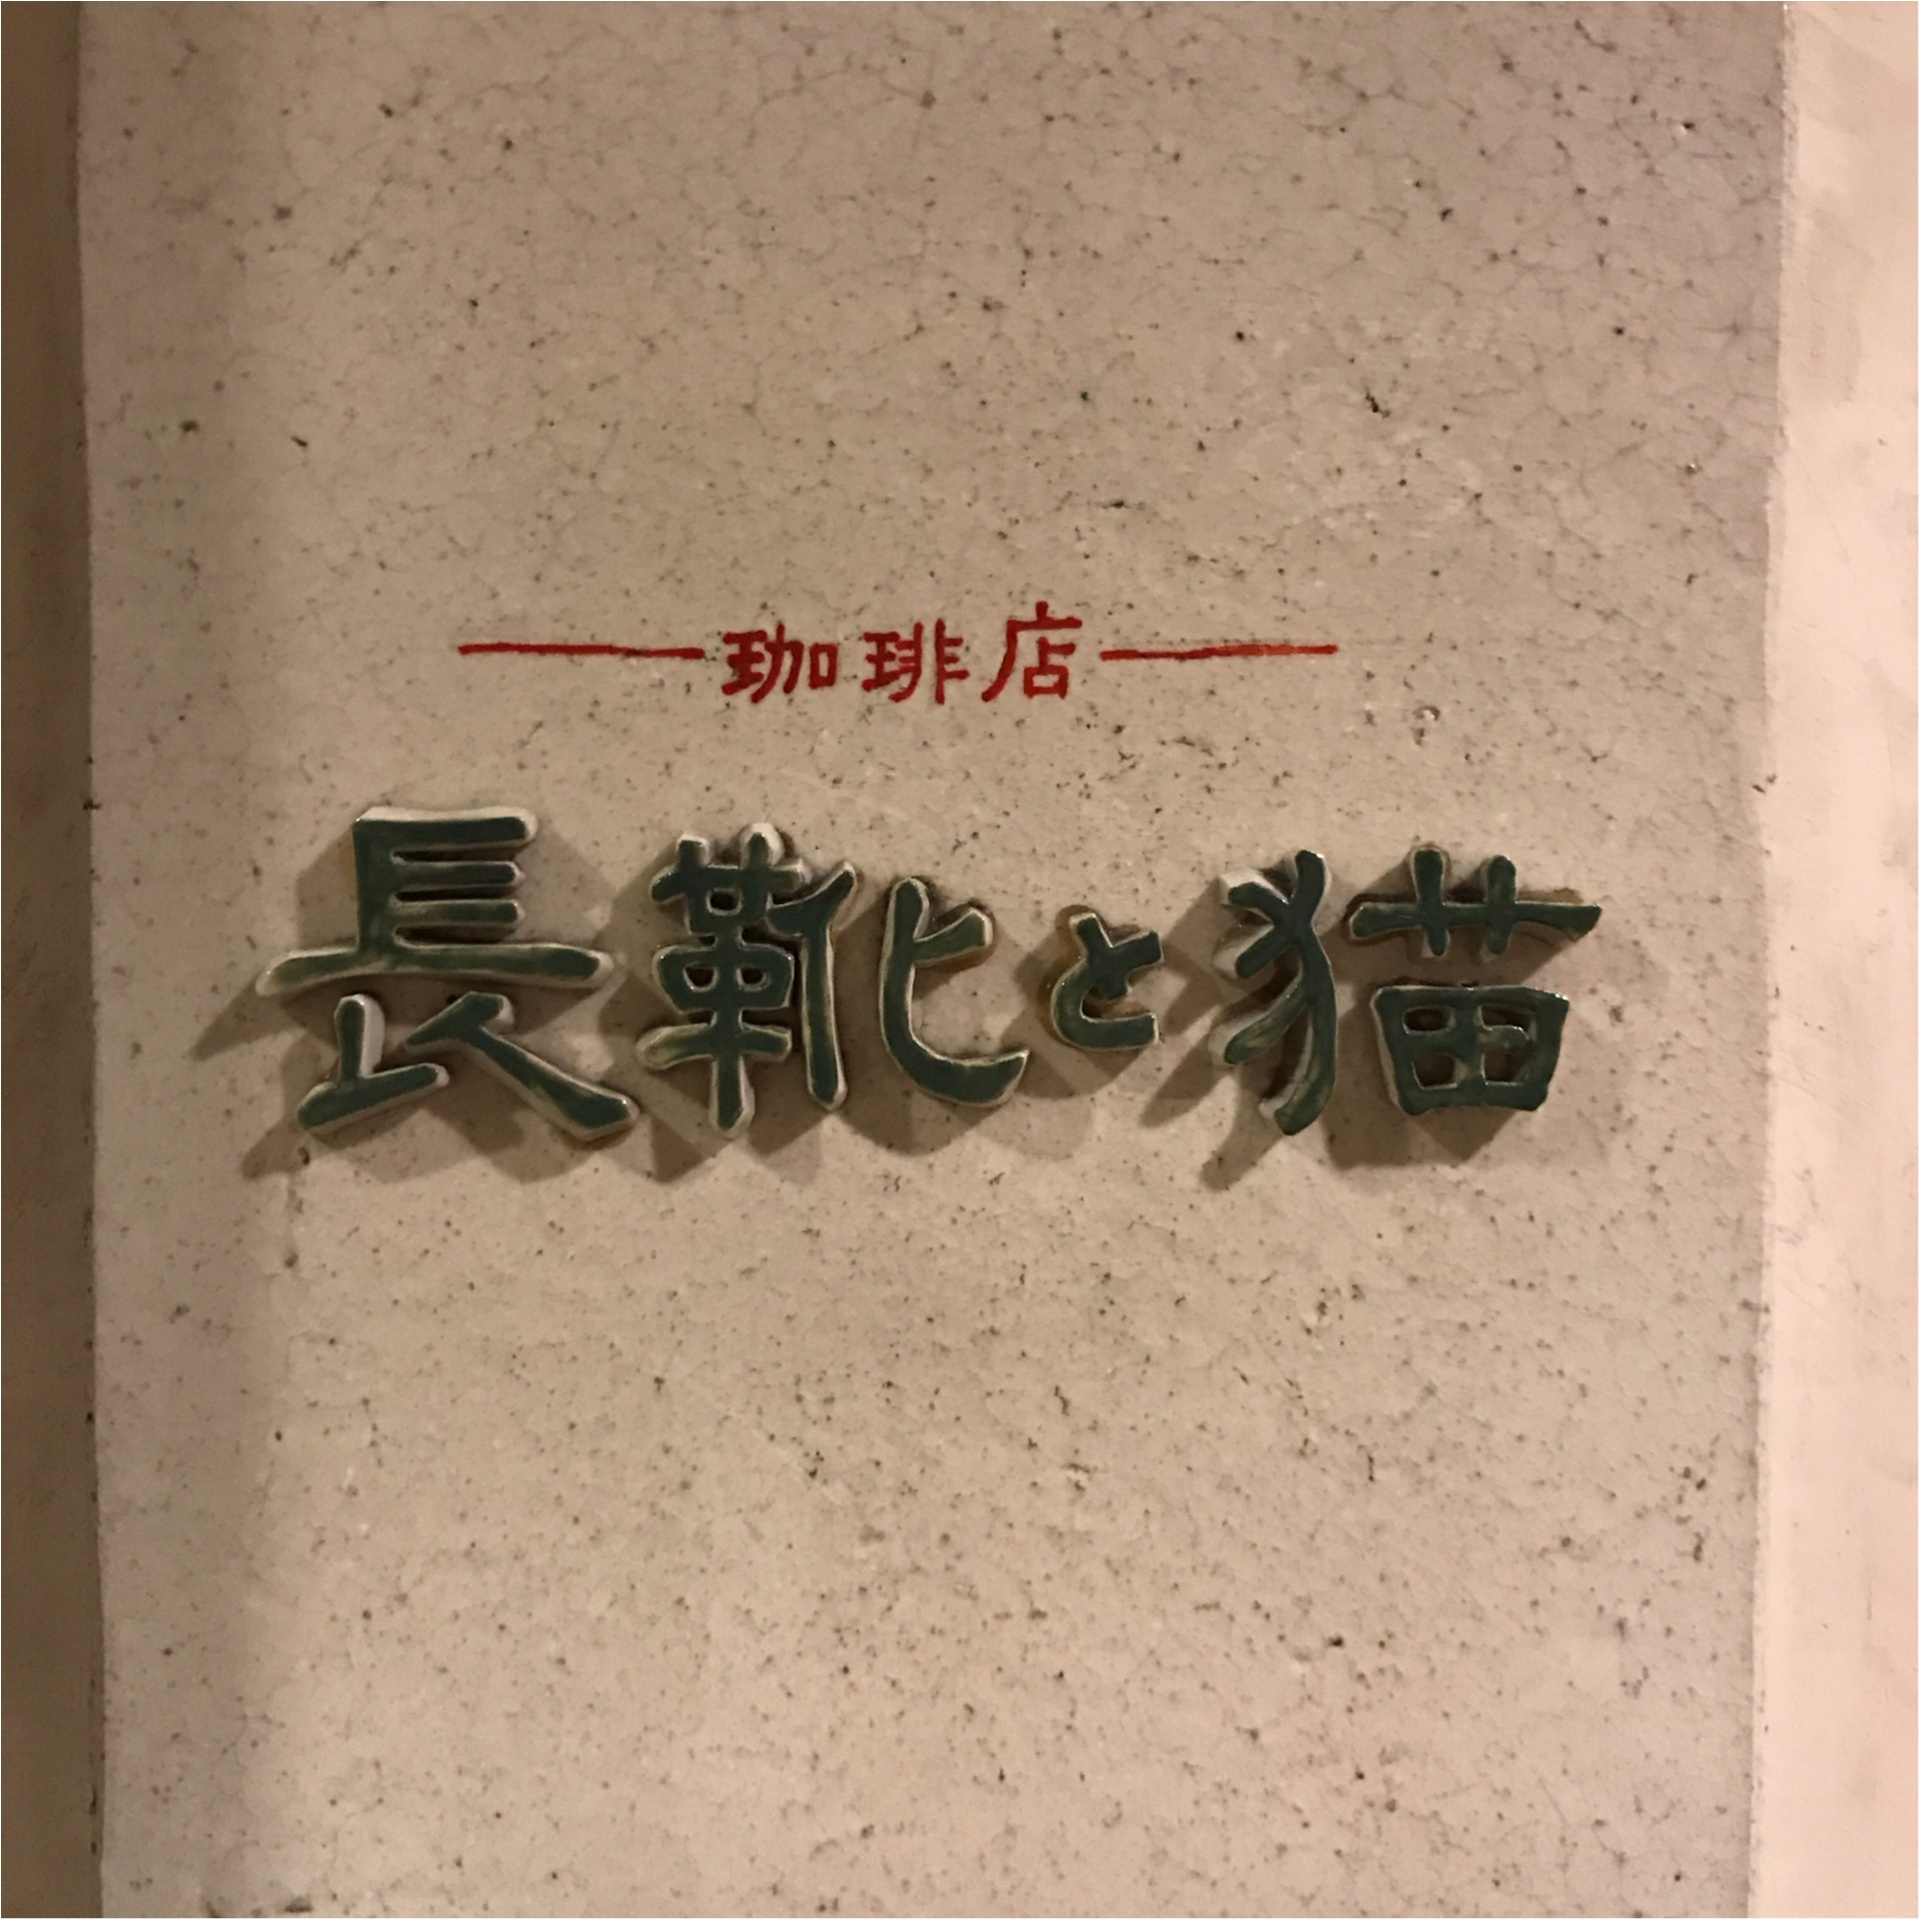 ★元祖名古屋グルメ『小倉トースト』ちょっとオシャレに楽しみたいなら、○○モチーフのココがオススメ★_2